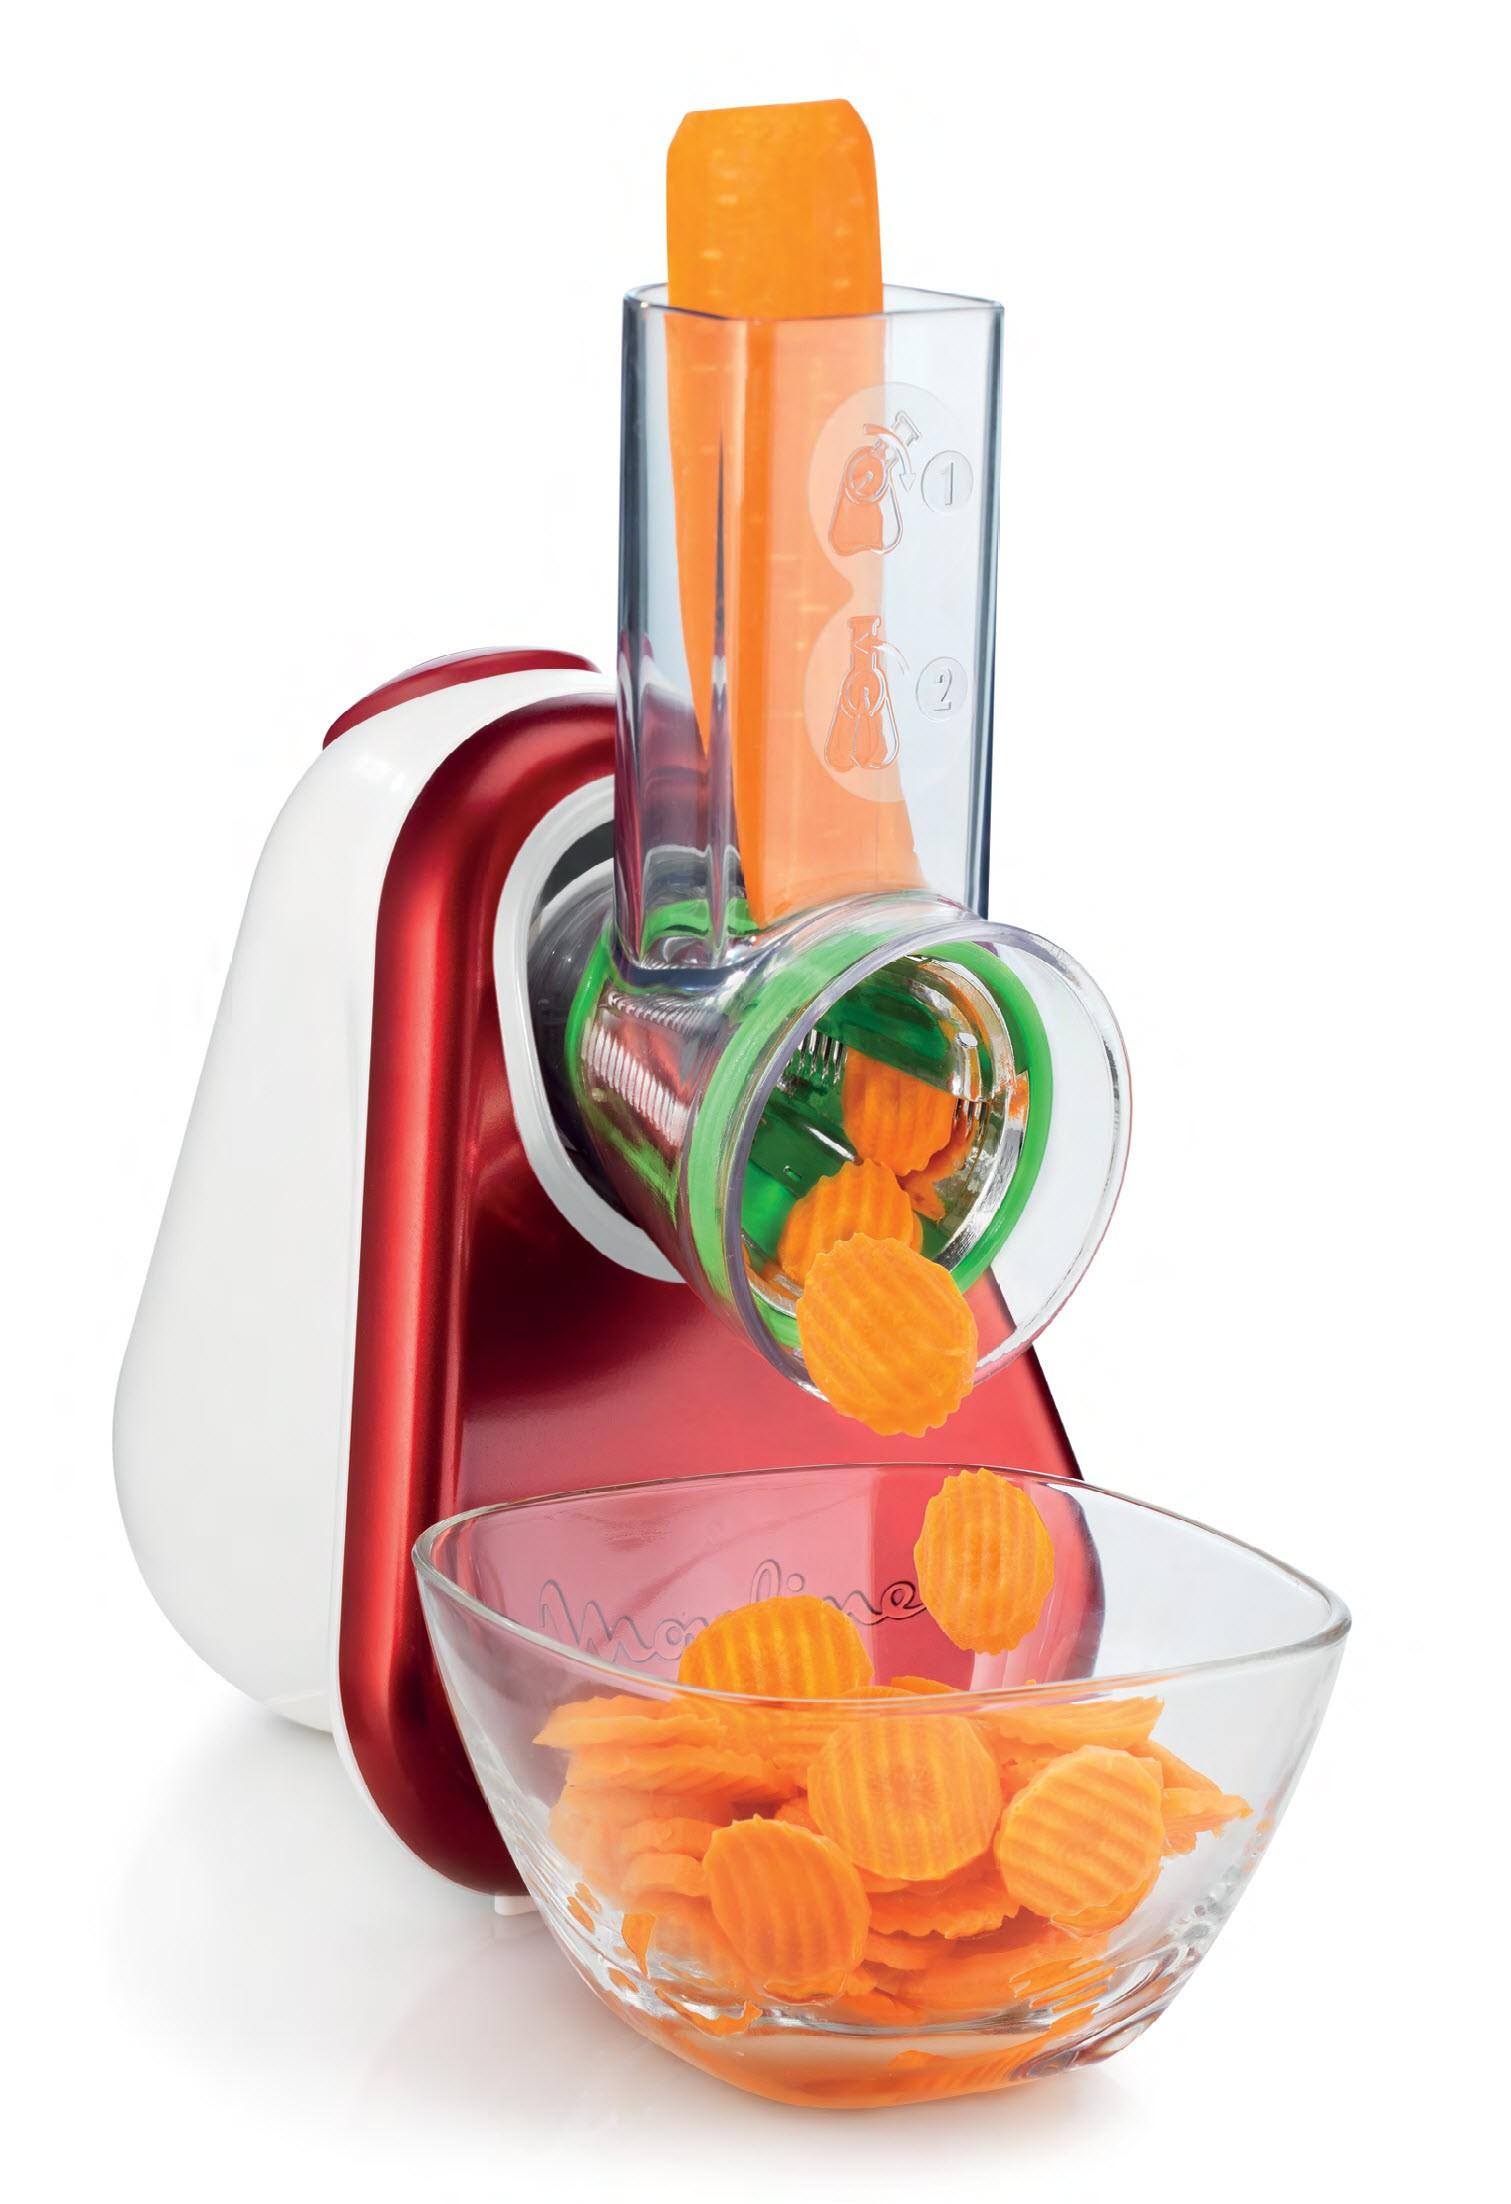 Rallador moulinex fresh express blog de cocina - Robot de cocina moulinex carrefour puntos ...